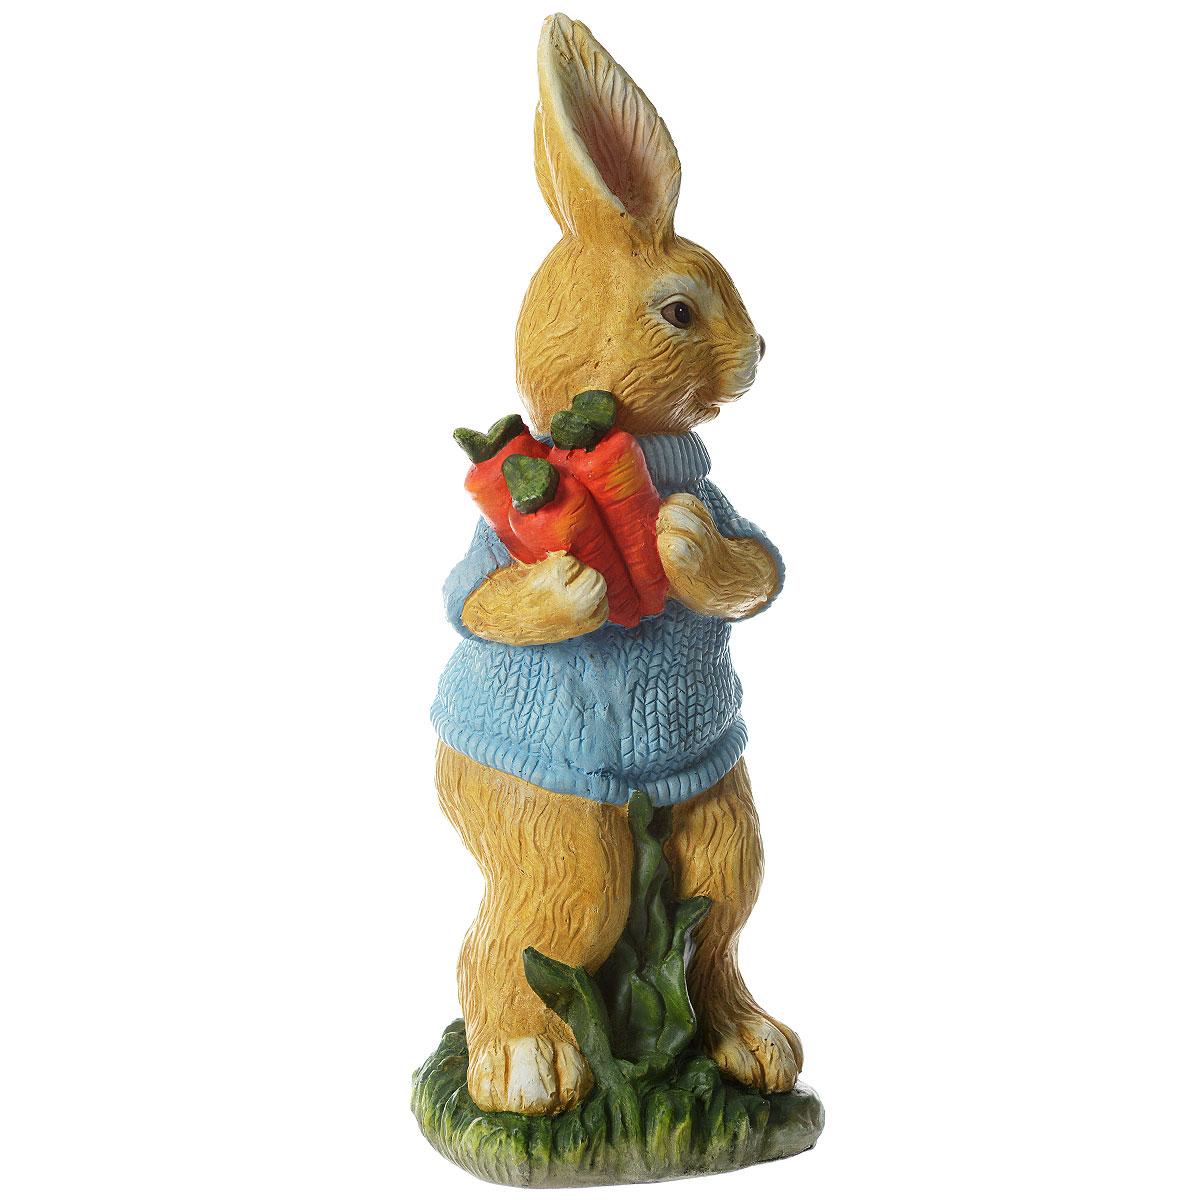 Фигурка садовая Village People Кролик с урожаем, высота 66 см67365_1Фигурка садовая Village People выполнена из полирезины в виде кролика с морковками, одетого в голубую кофточку. Такая фигурка украсит ваш сад и добавит в него ярких красок. Вы можете поместить ее в любом месте сада. Прочная и износостойкая фигурка будет радовать вас много лет.